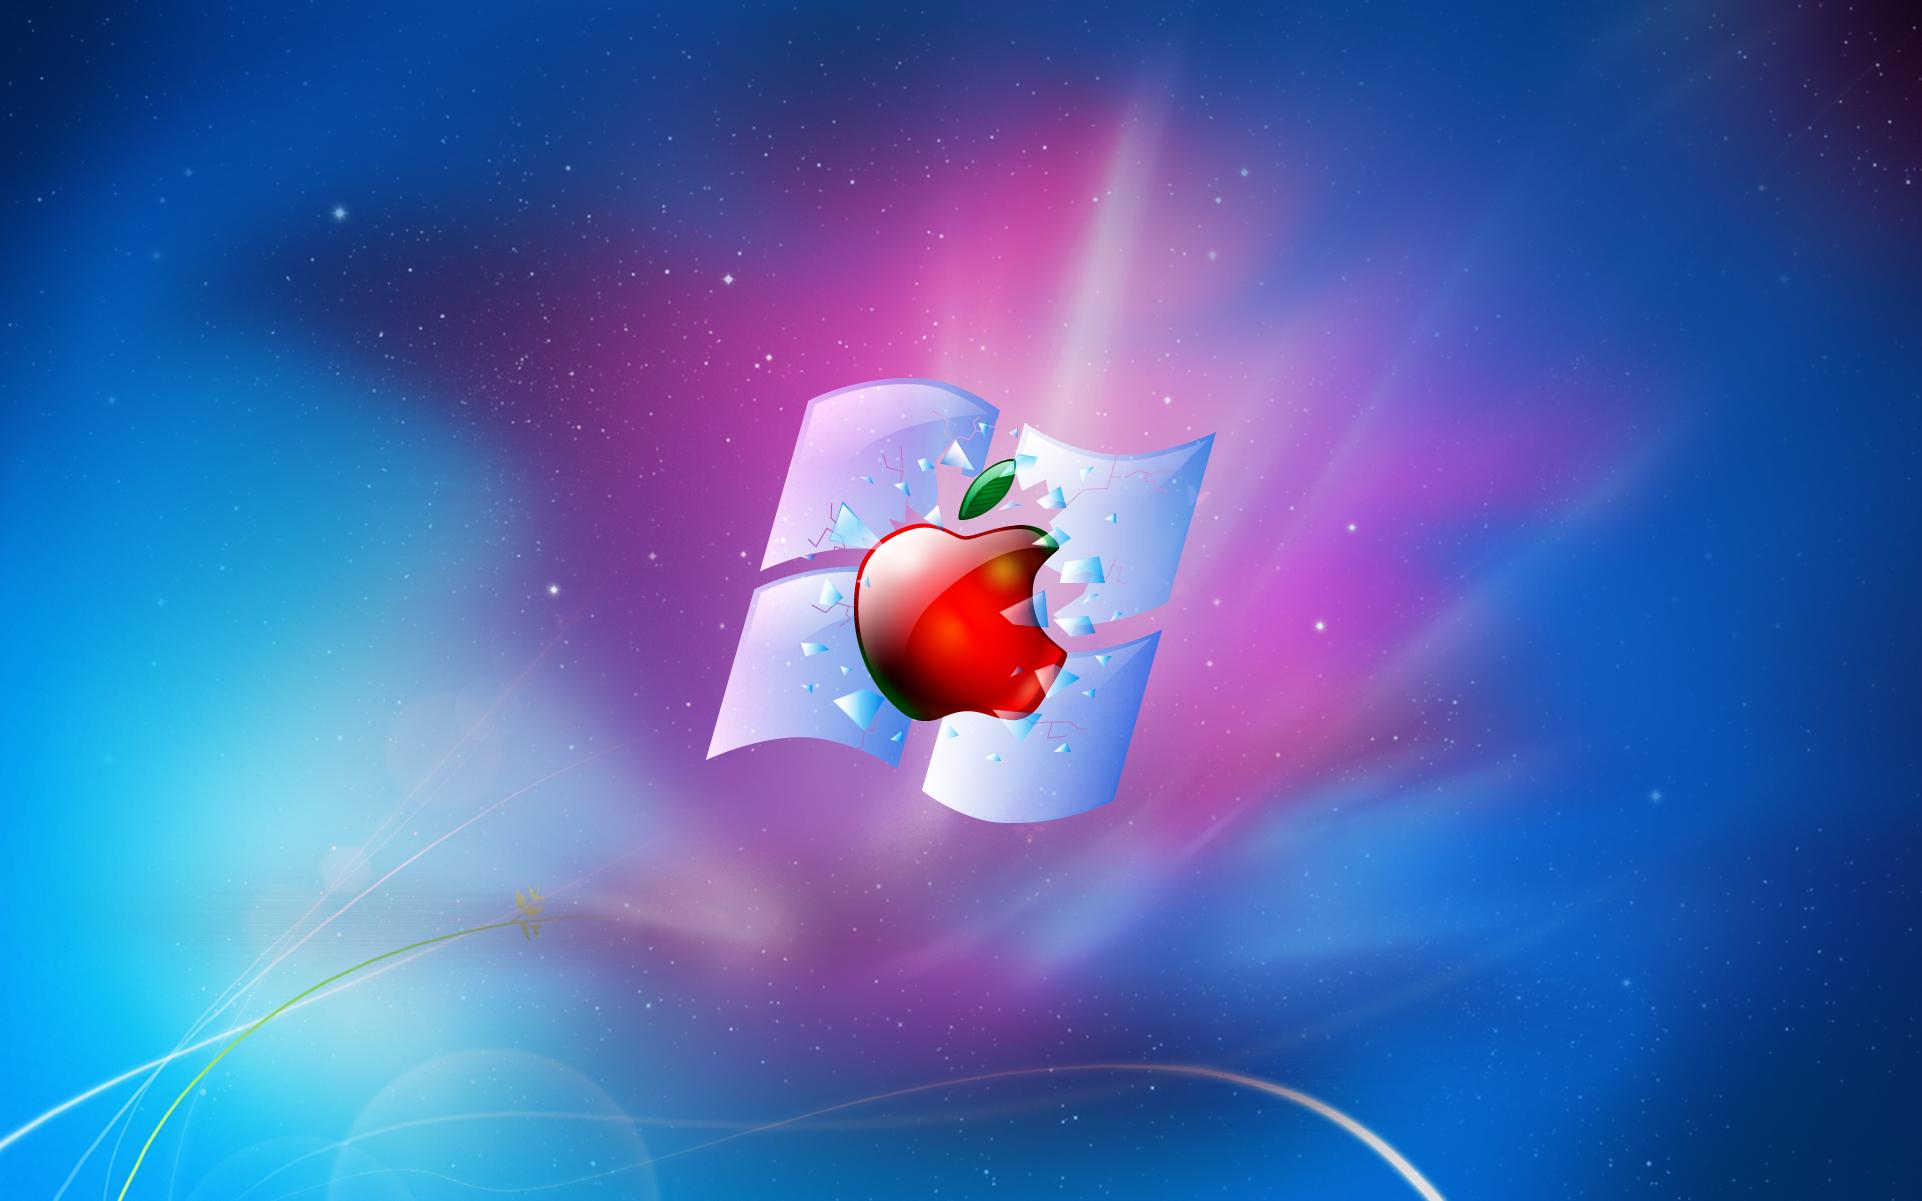 Apple Windows Wallpaper Computer Backgrounds 20727 Wallpaper 1922x1201